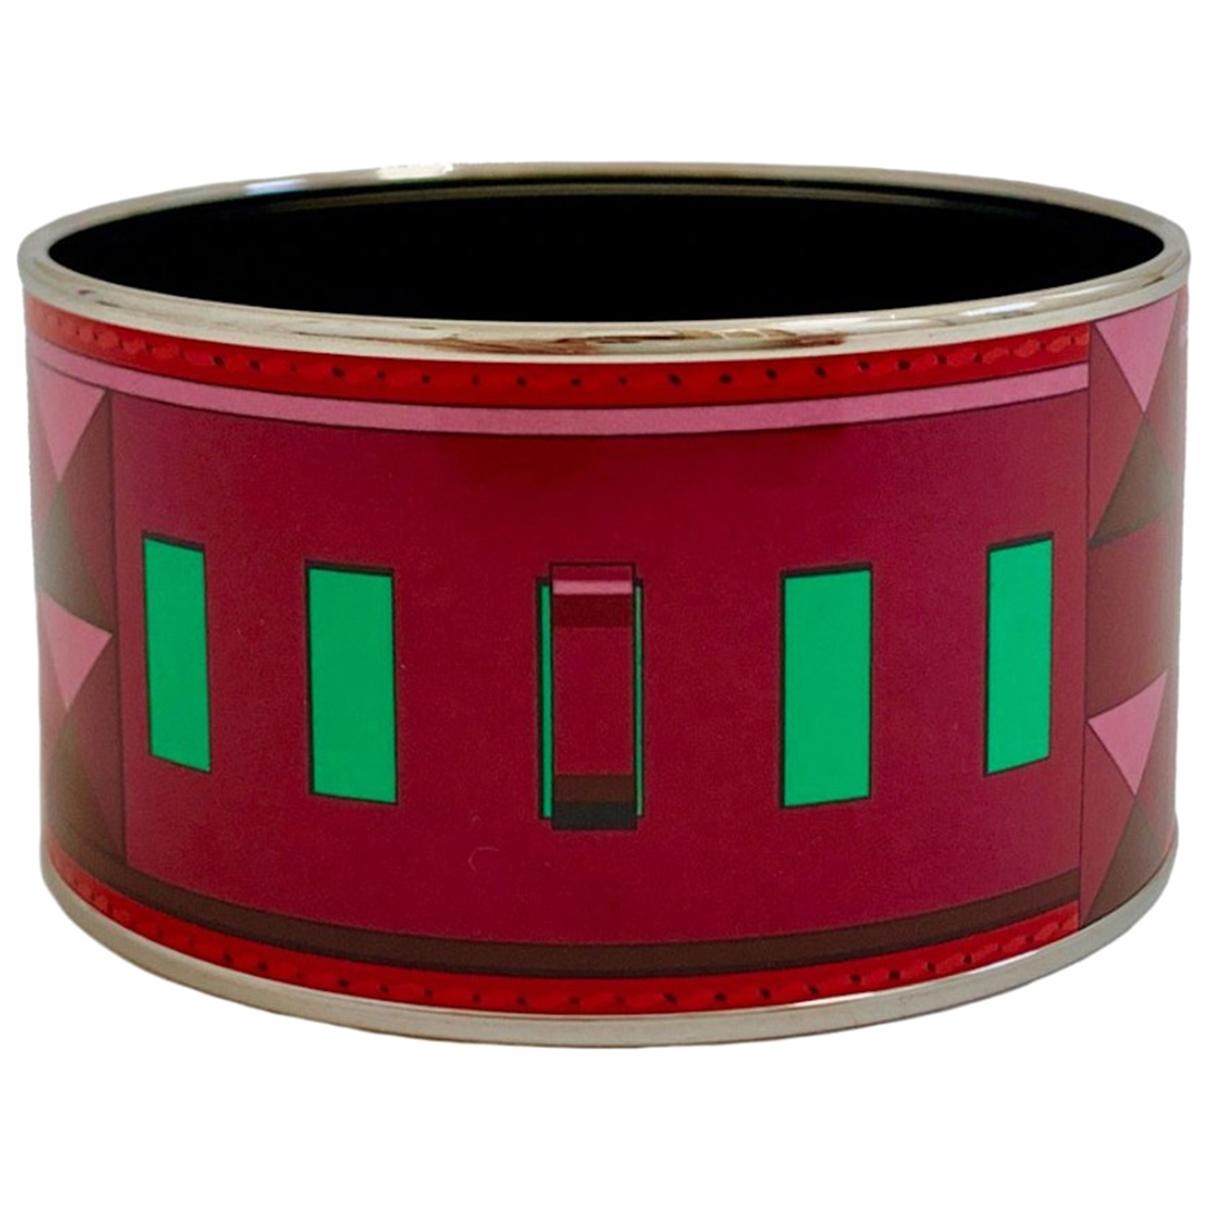 Hermes - Bracelet Bracelet Email pour femme en metal - rouge